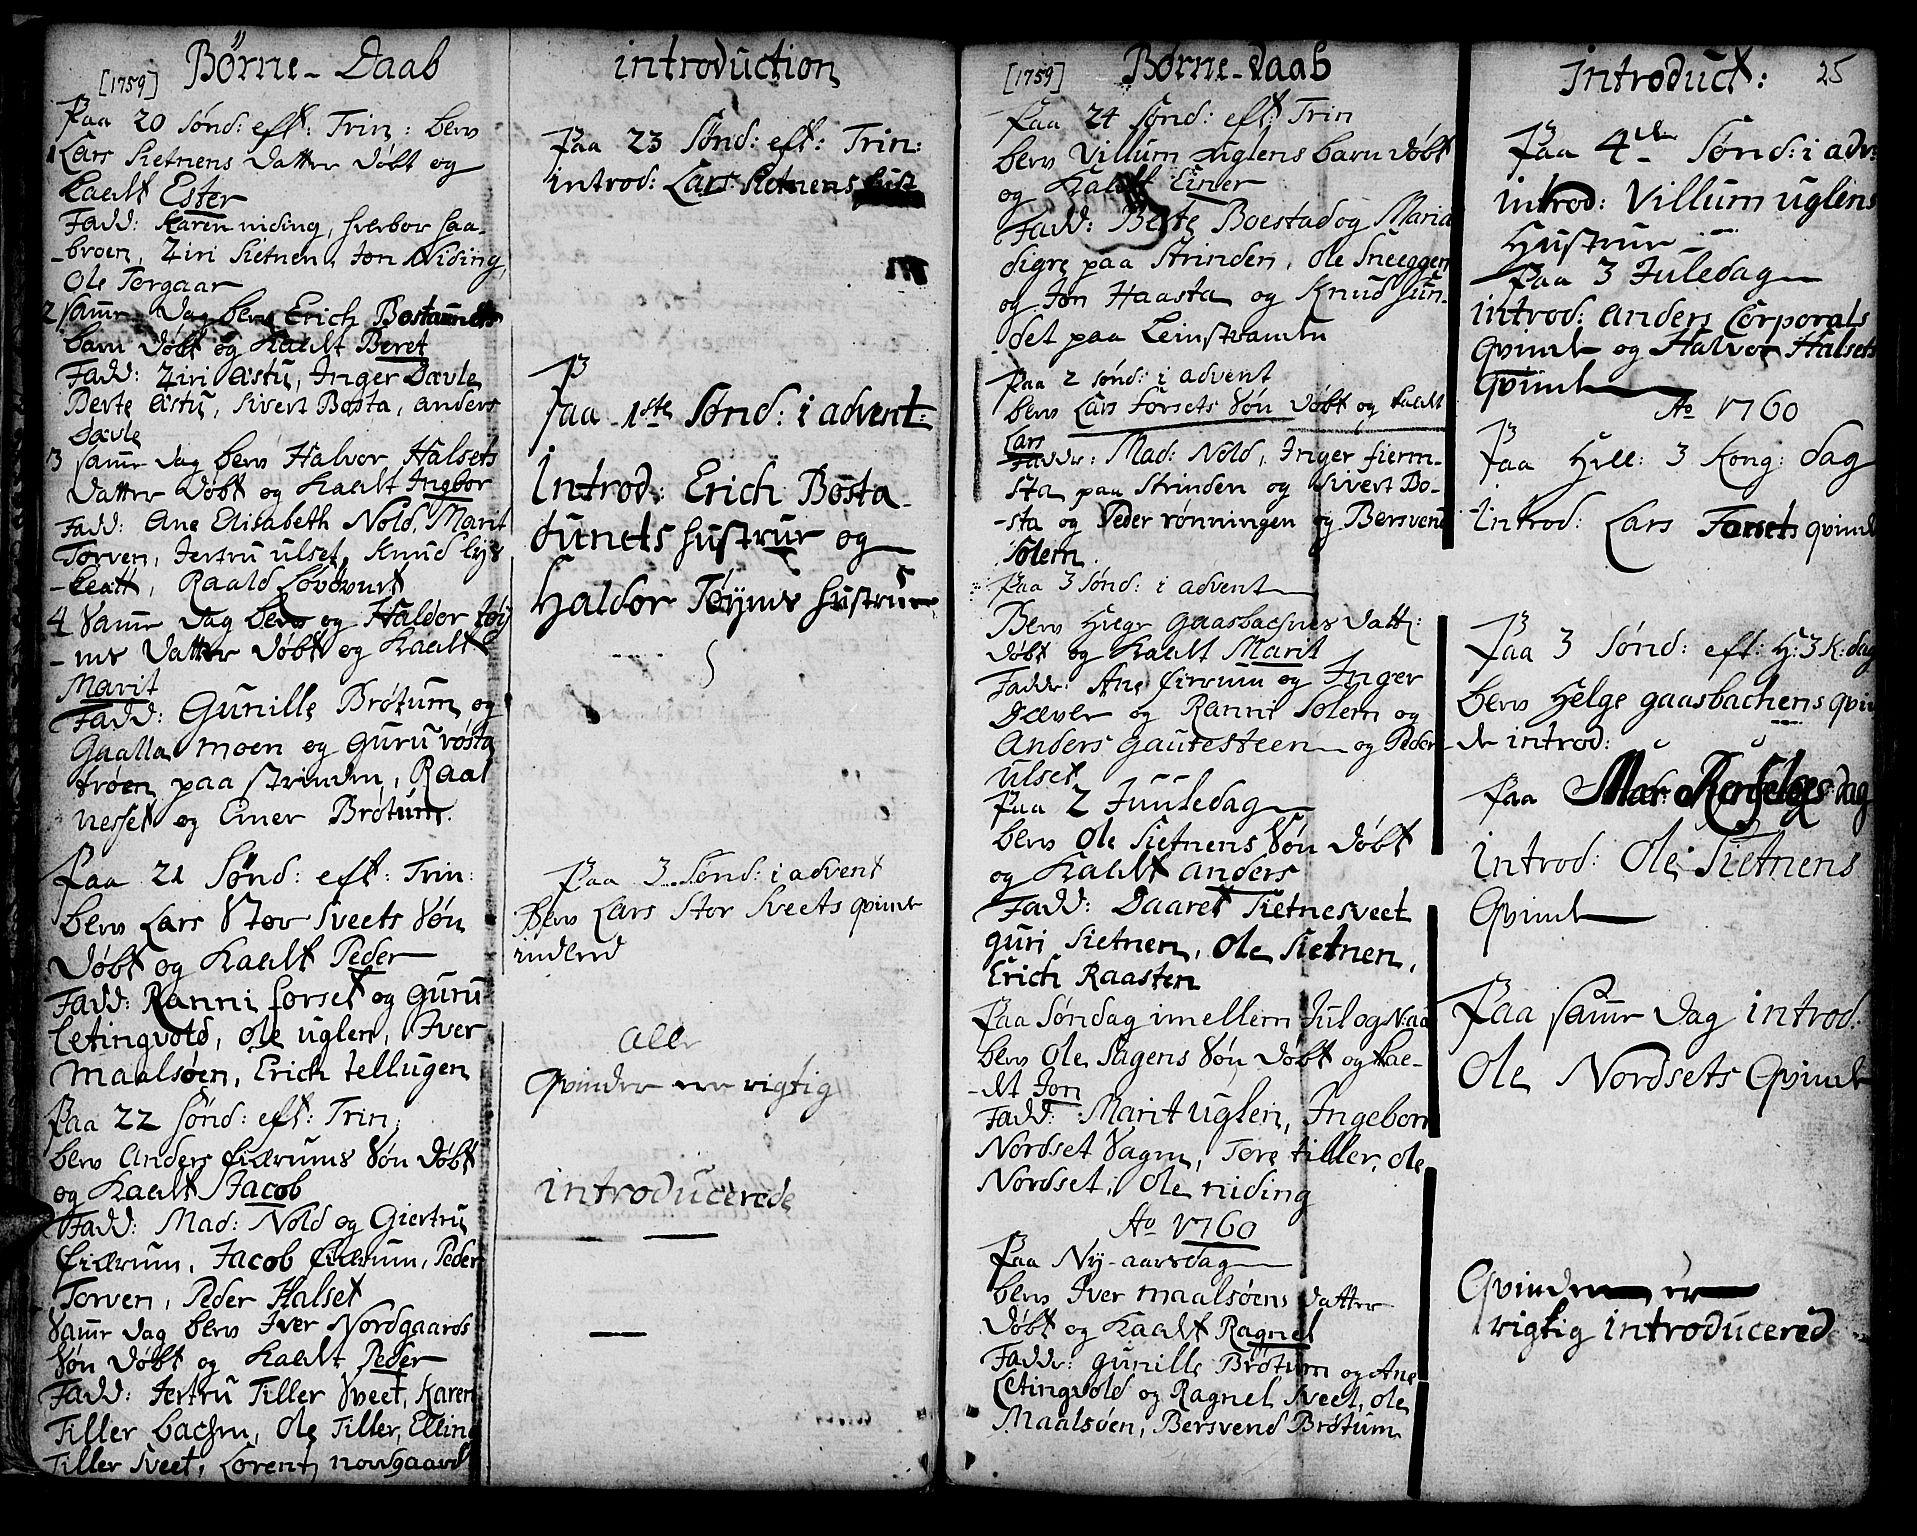 SAT, Ministerialprotokoller, klokkerbøker og fødselsregistre - Sør-Trøndelag, 618/L0437: Ministerialbok nr. 618A02, 1749-1782, s. 25